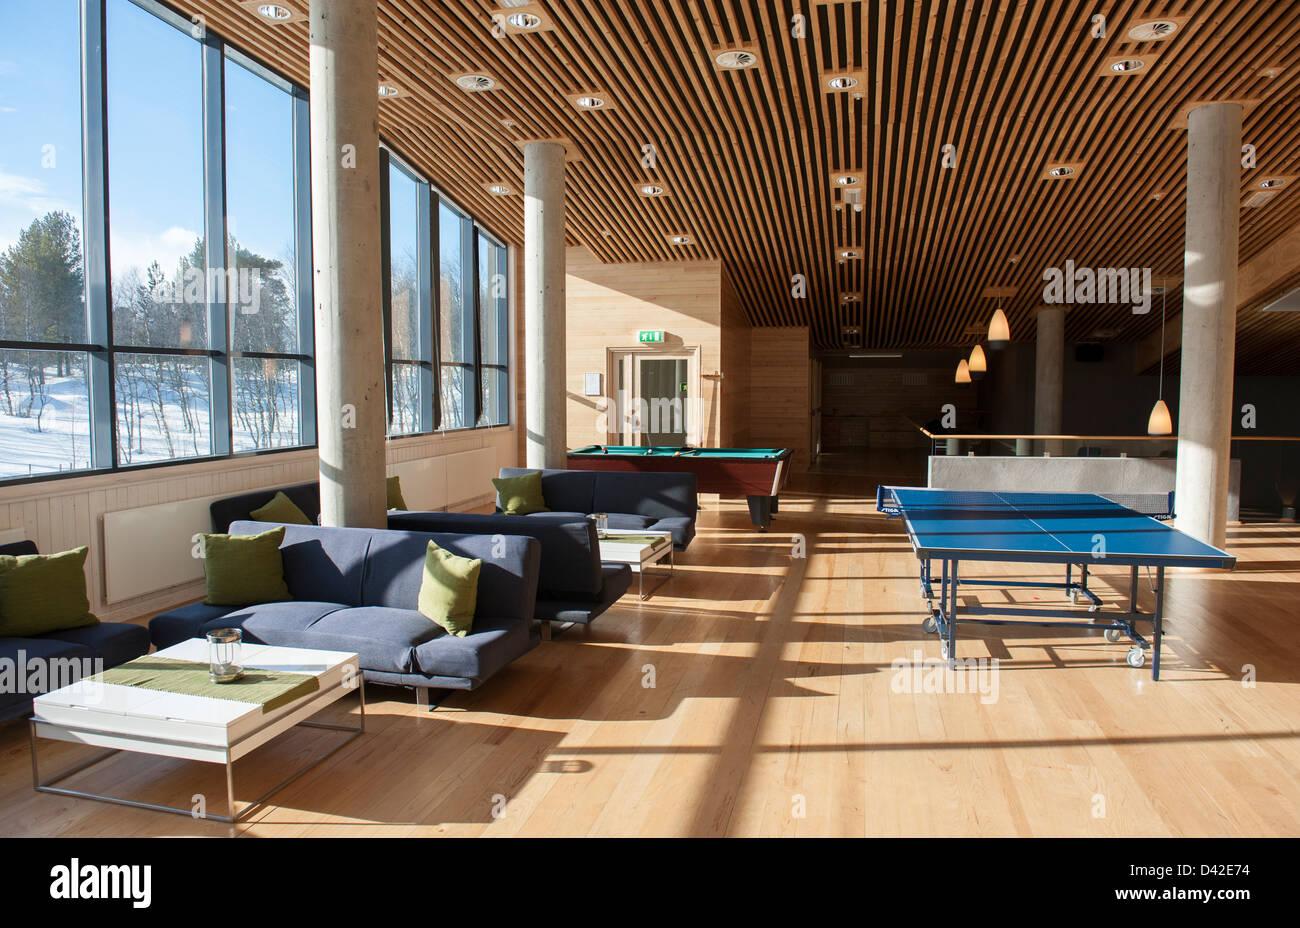 Primer piso con billar, tenis de mesa y zona de salón en la Geilo Kulturkyrkje en Geilo, Hallingdal en Noruega Imagen De Stock